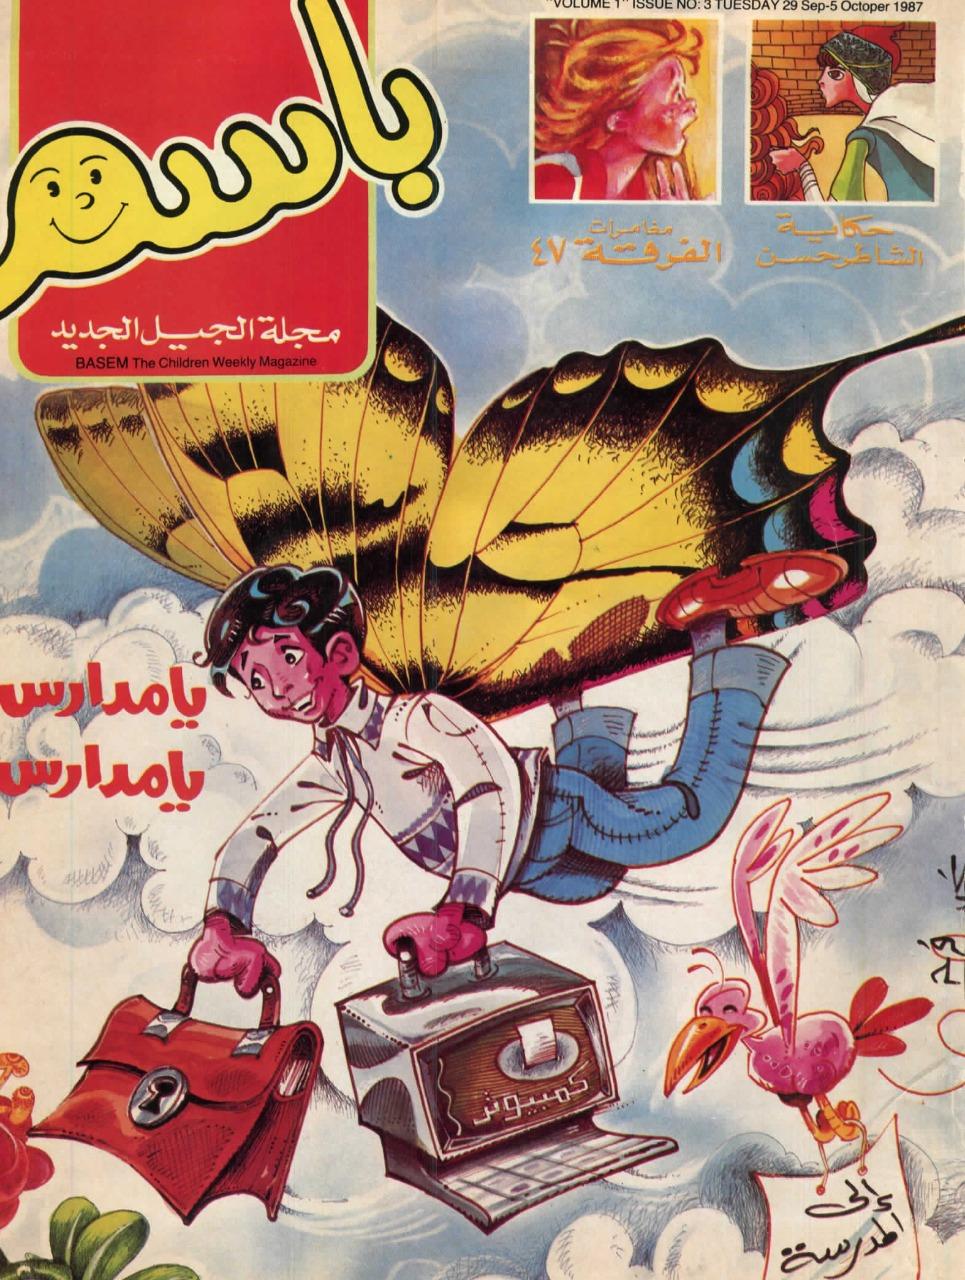 إطلاق مجلة باسم للأطفال